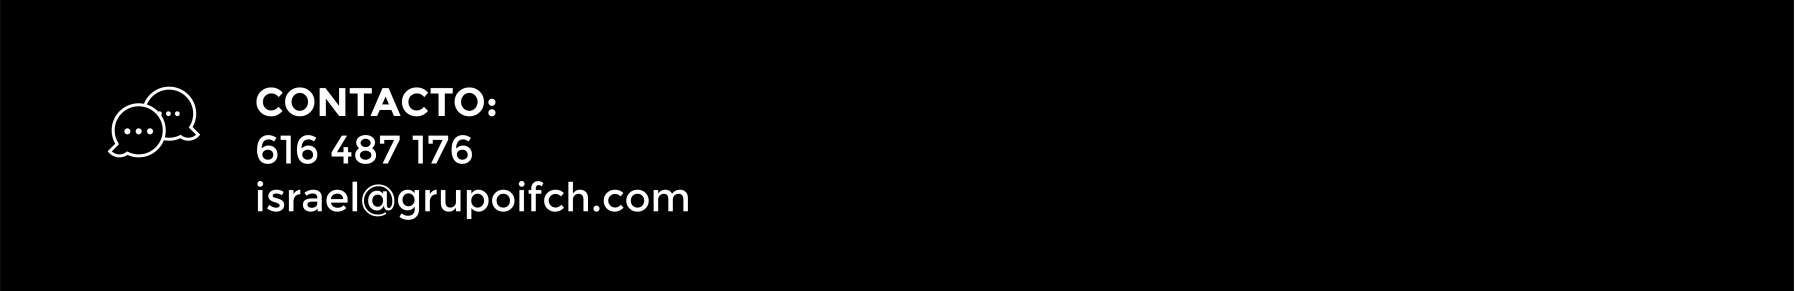 imagenwebCONTACTO-03